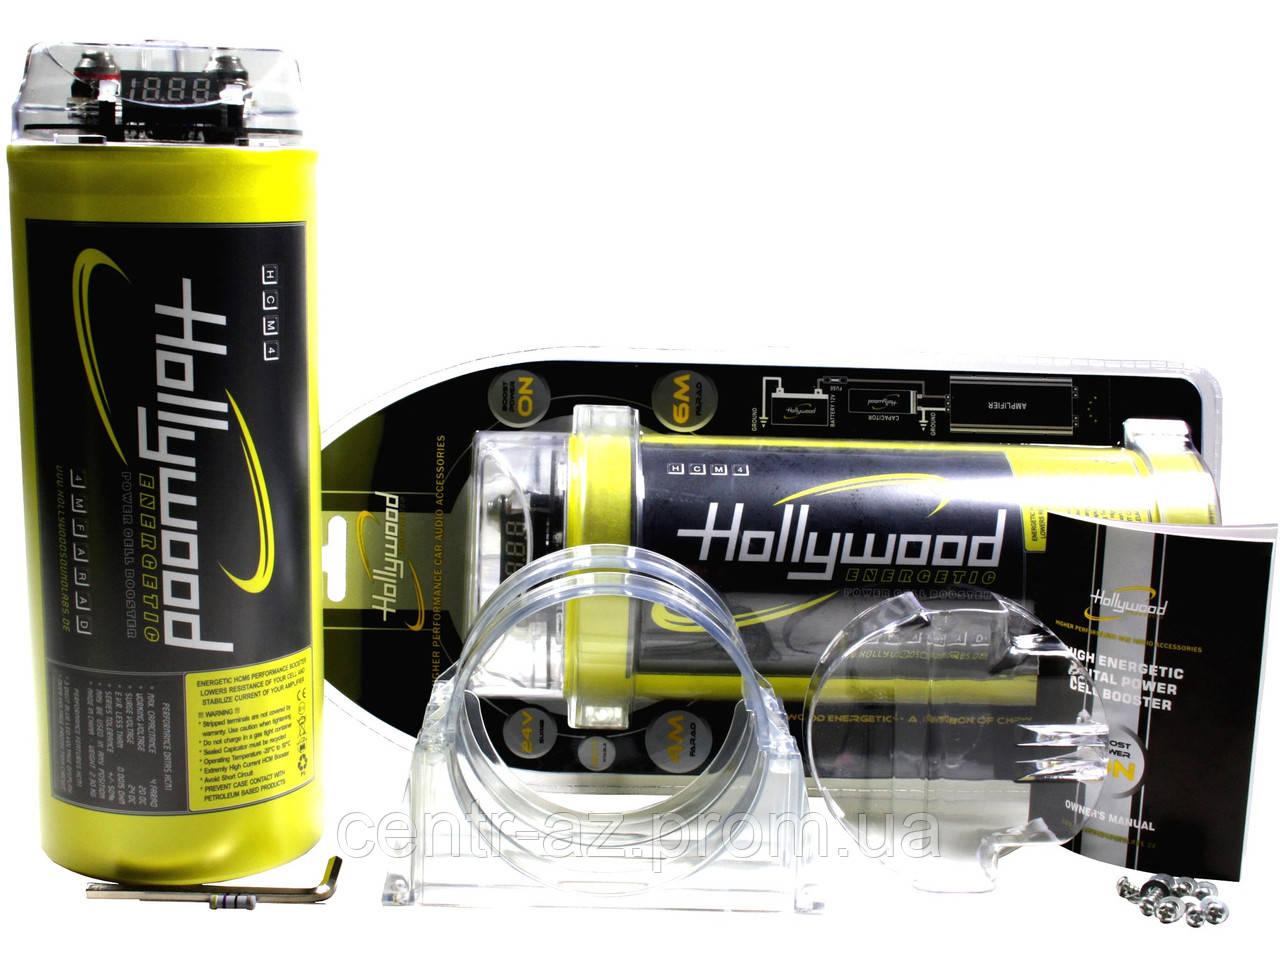 Конденсатор Hollywood HCM.5  - Центр Авто Звук в Запорожье